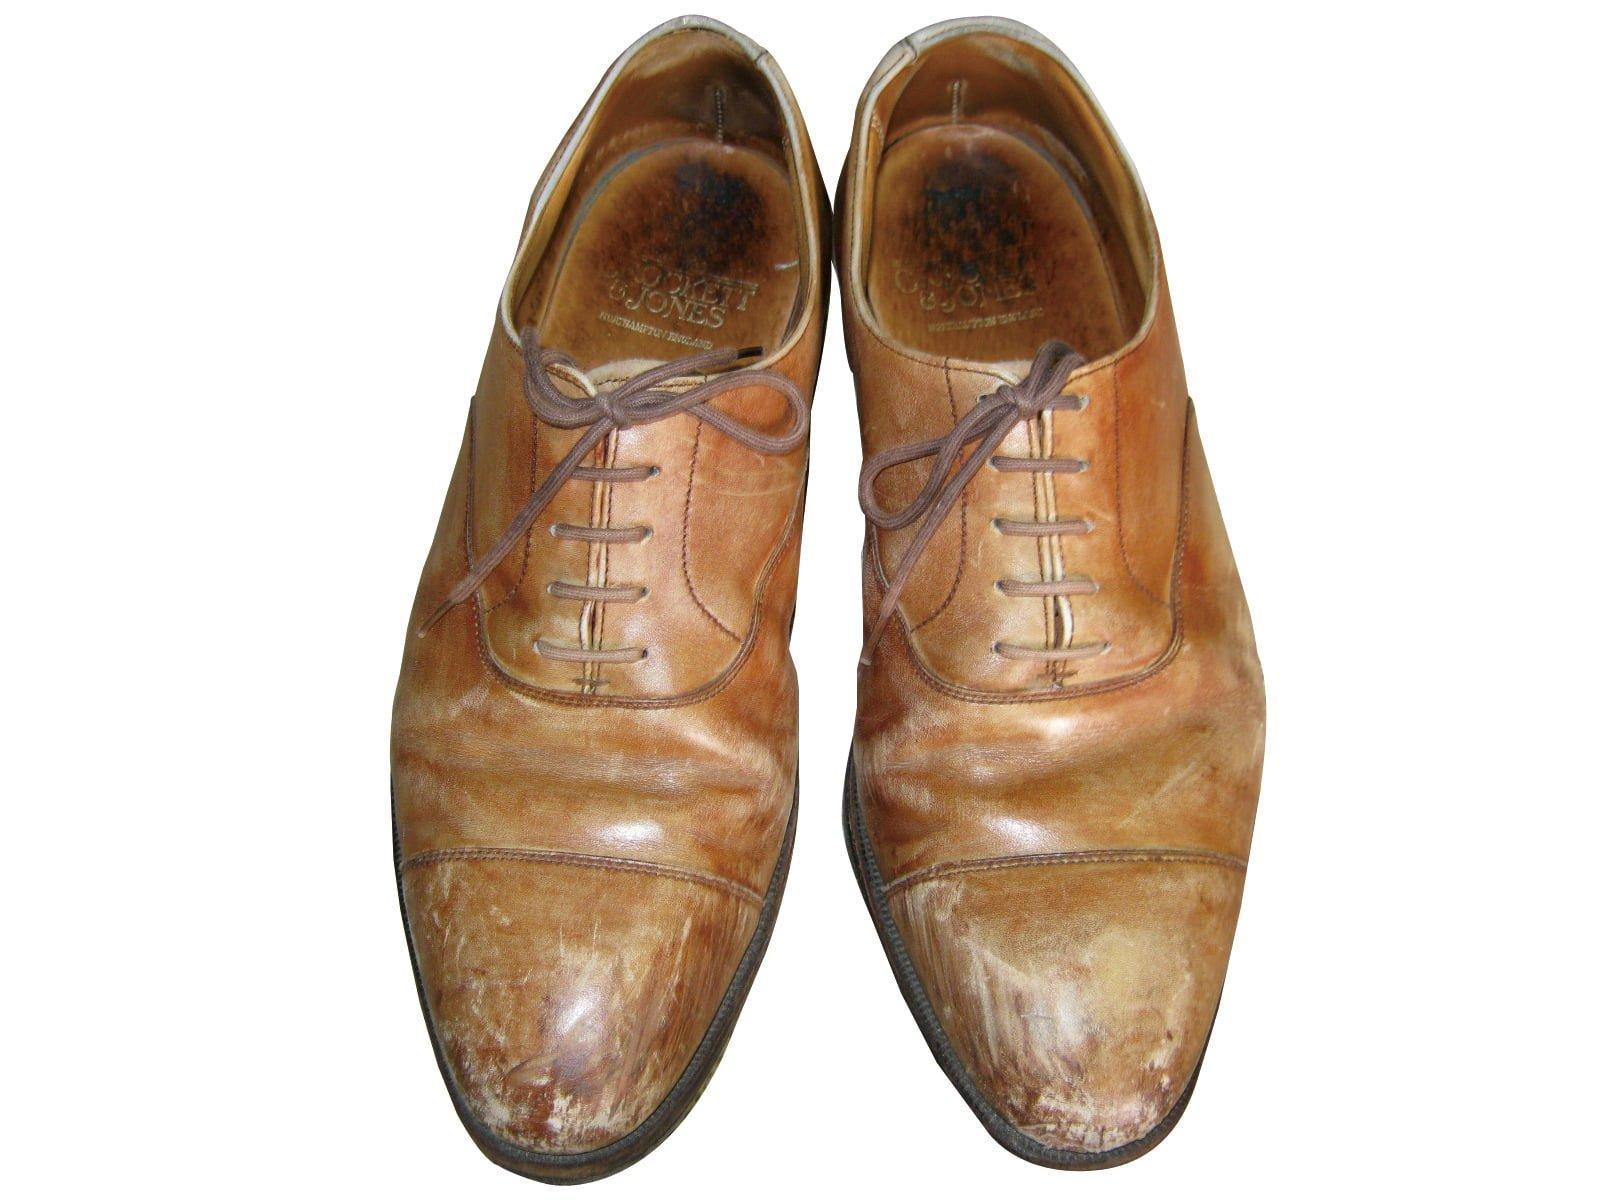 革靴のクリーニング・修理作業前